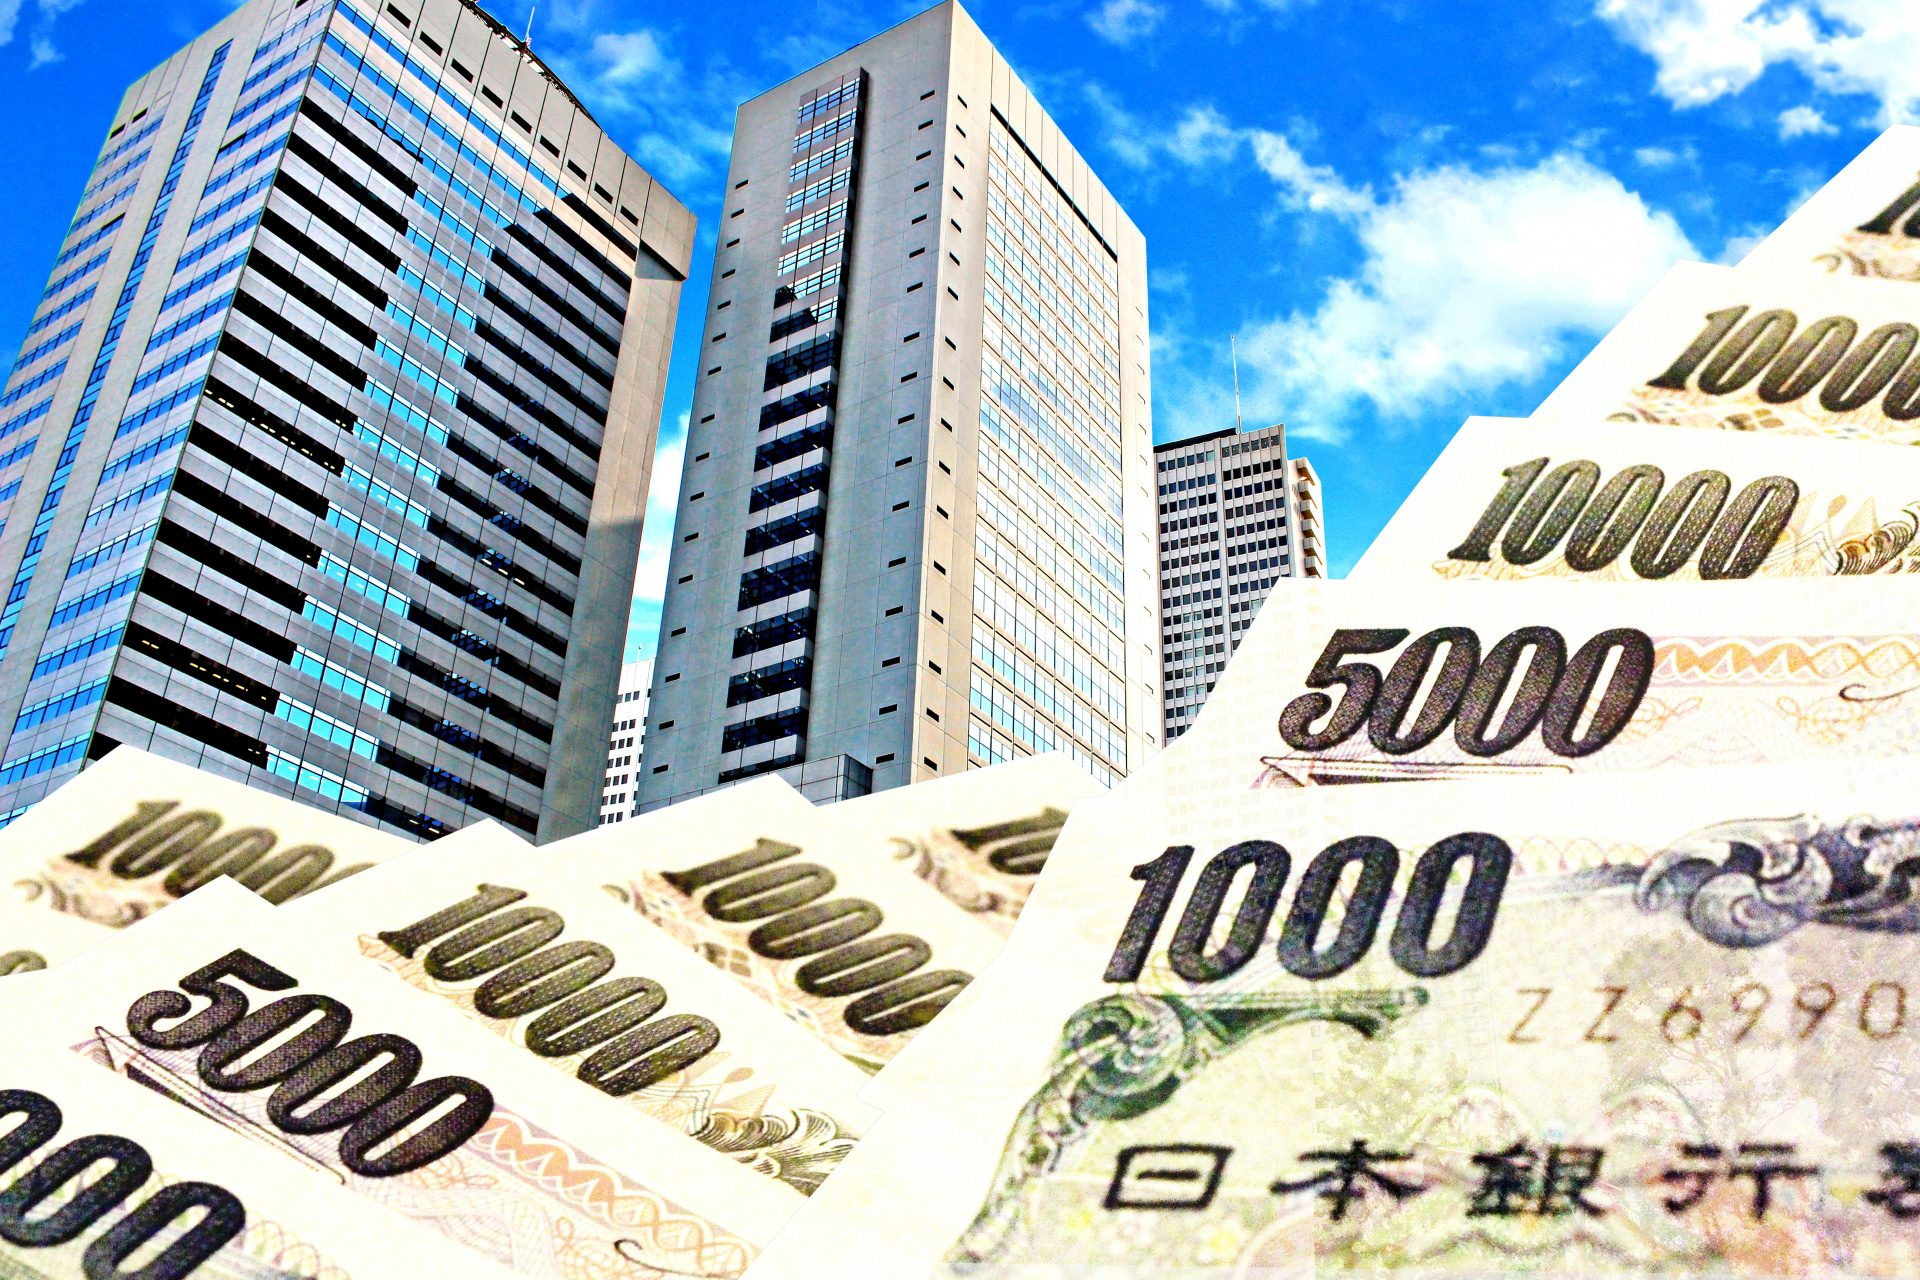 海外起業の事で、よく出て来るのが資金を融資や借金で調達したい!という話。でも、コレ絶対やめた方が良いと思うんです!この記事では、海外起業の資金を融資や借金で調達すべきでない5つの理由を簡単にまとめてみました!